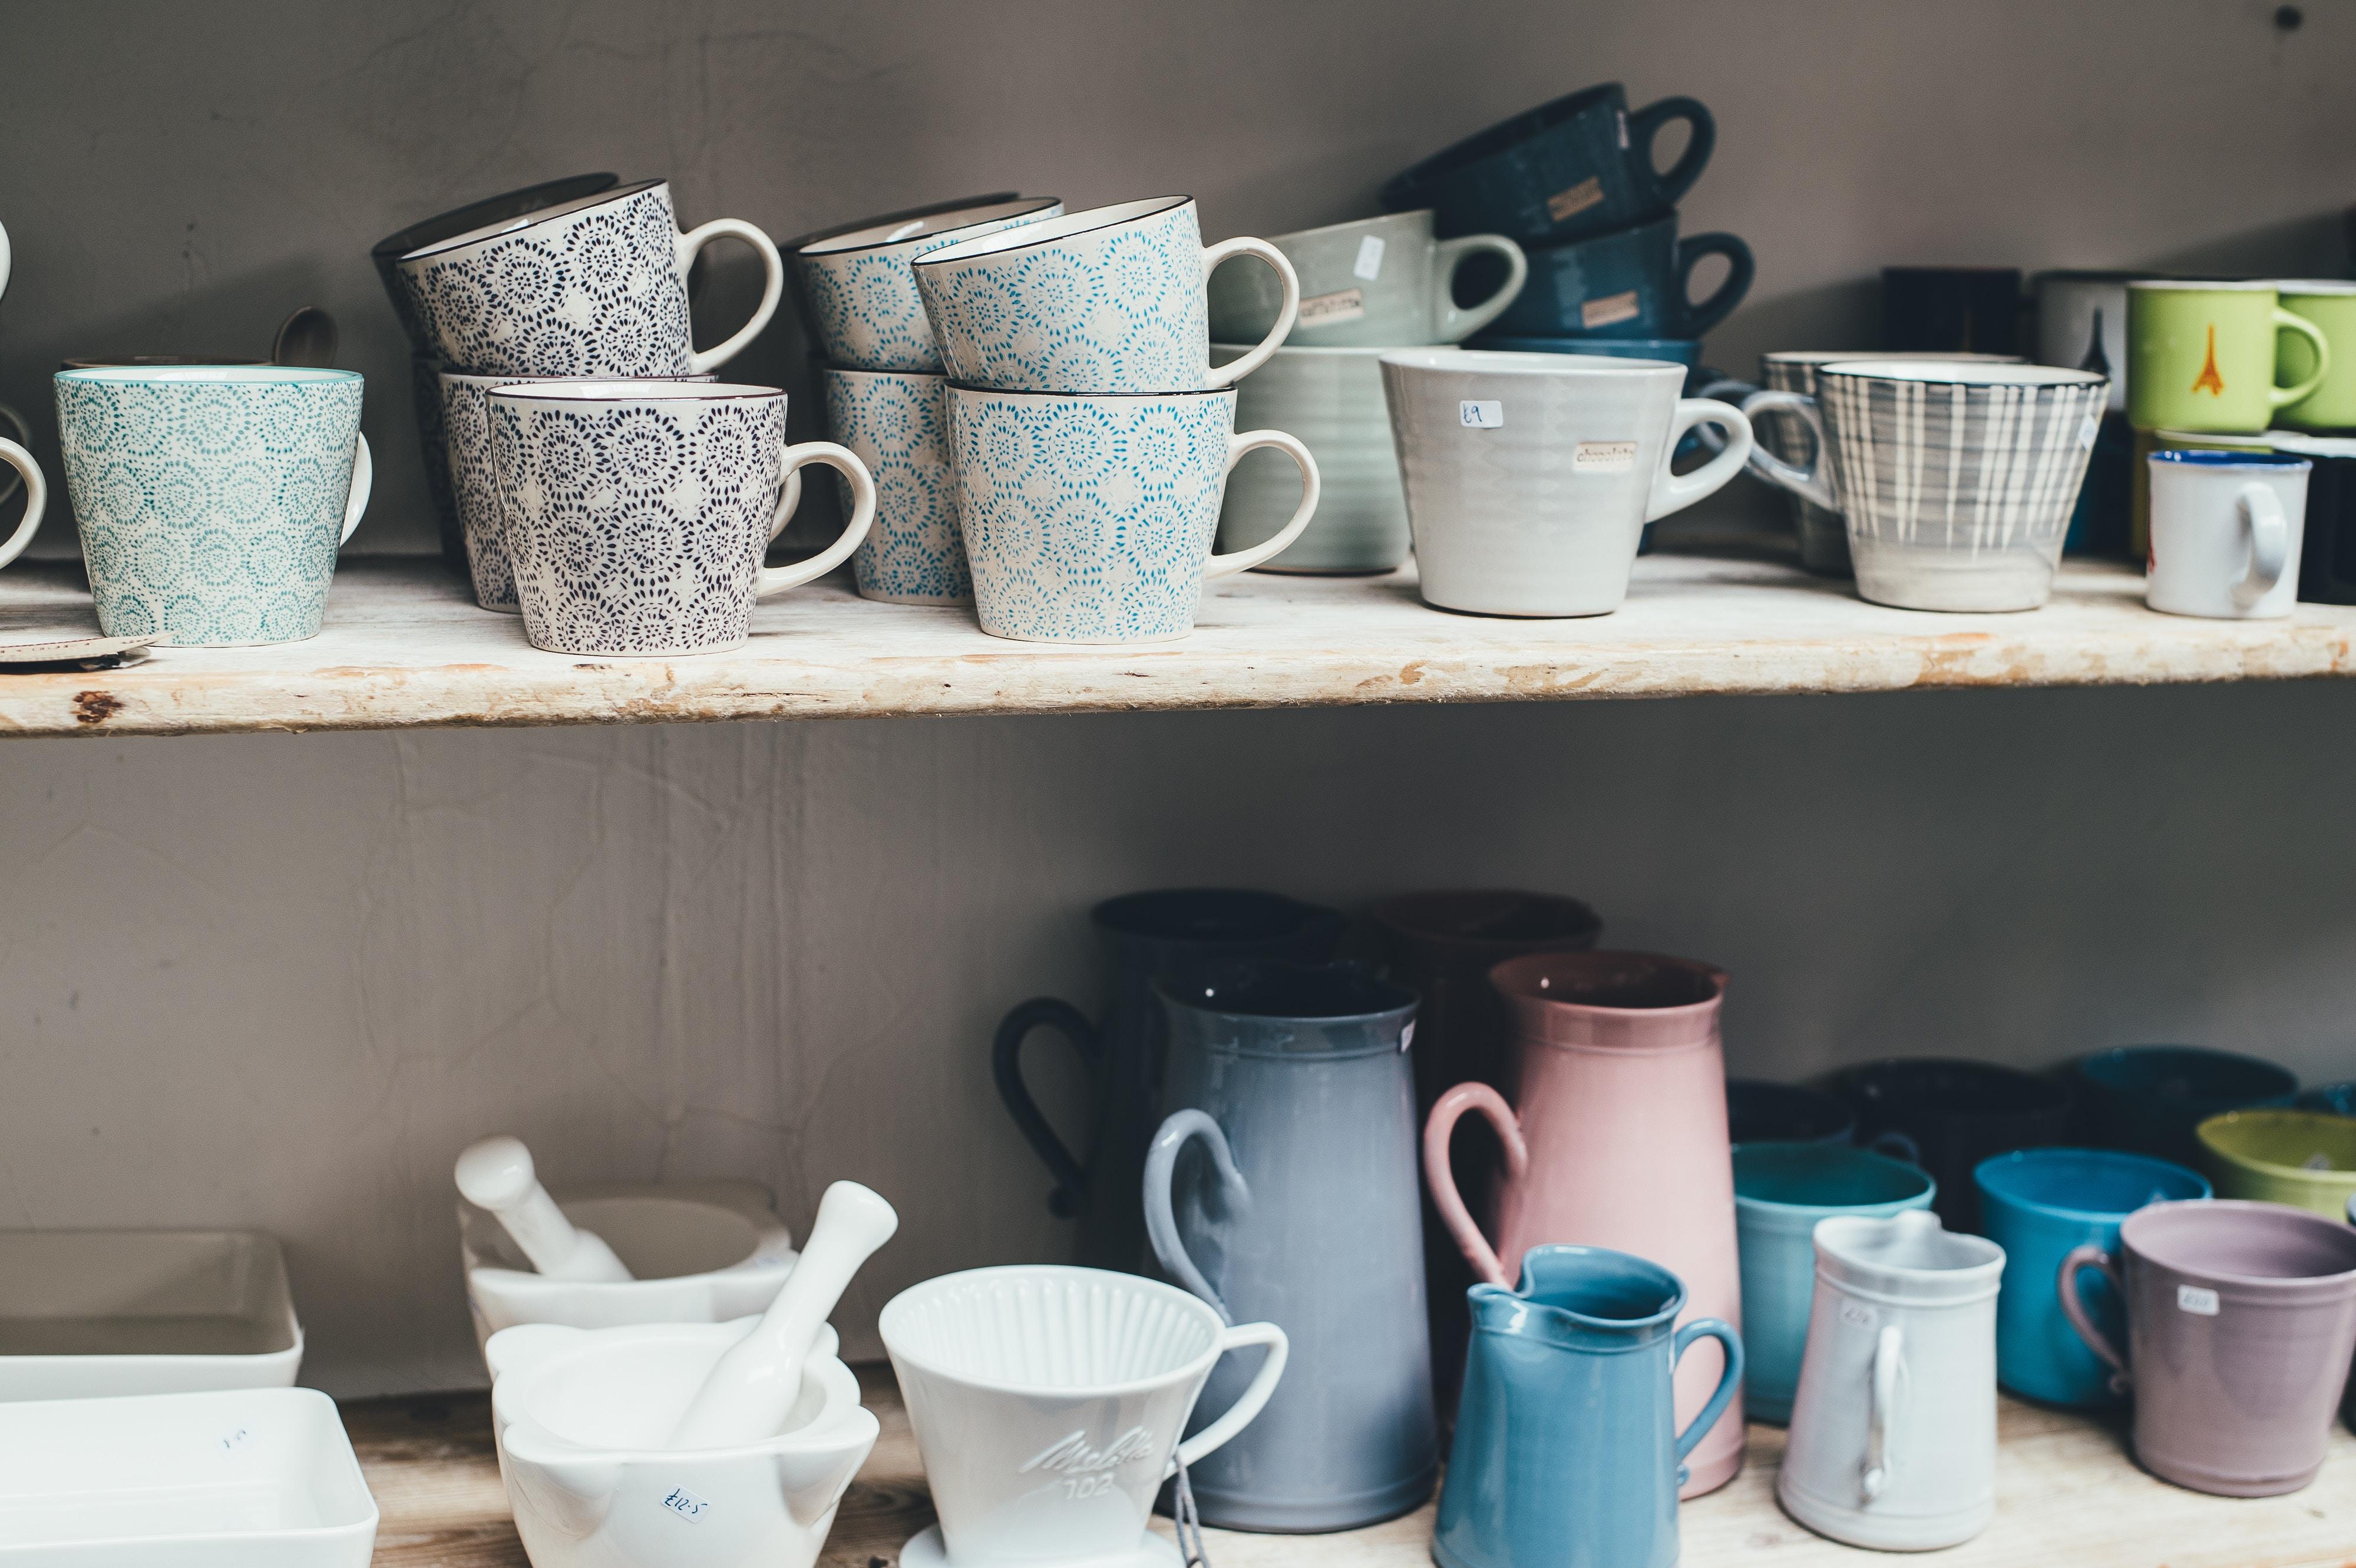 two shelves full of mugs